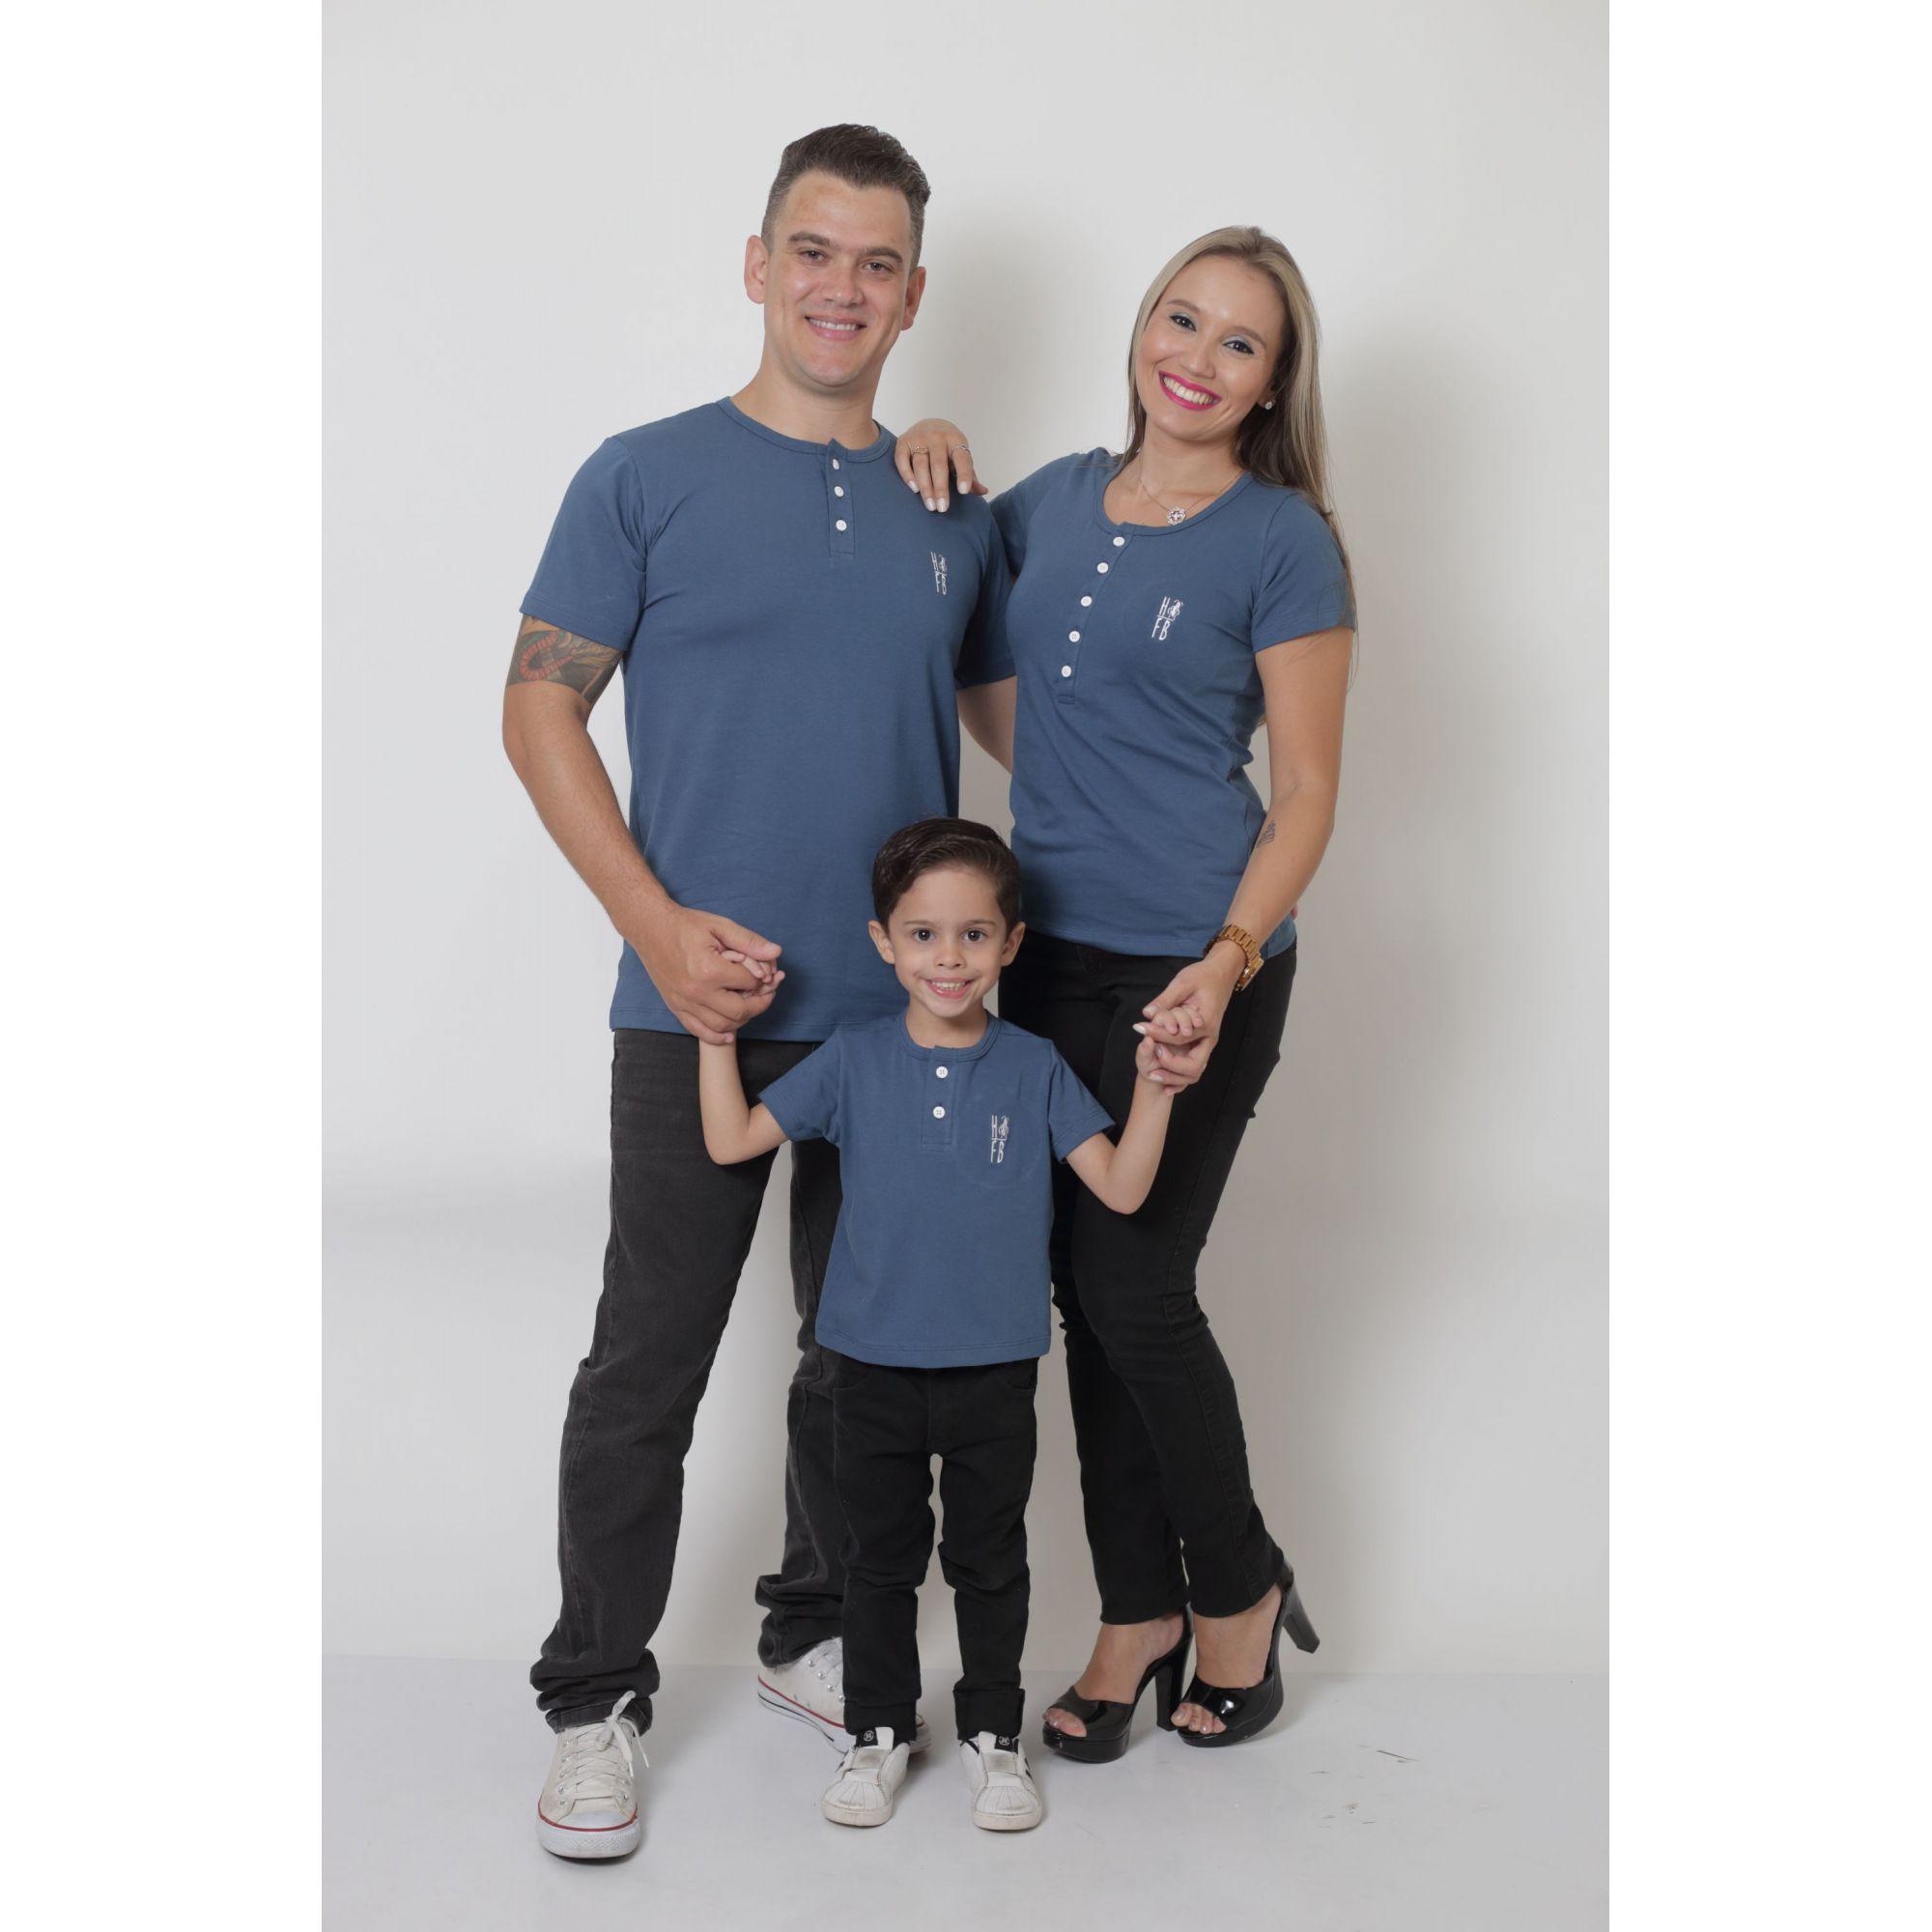 PAIS E FILHOS > Kit 3 Peças T-Shirt ou Body Henley - Azul Petróleo [Coleção Família]